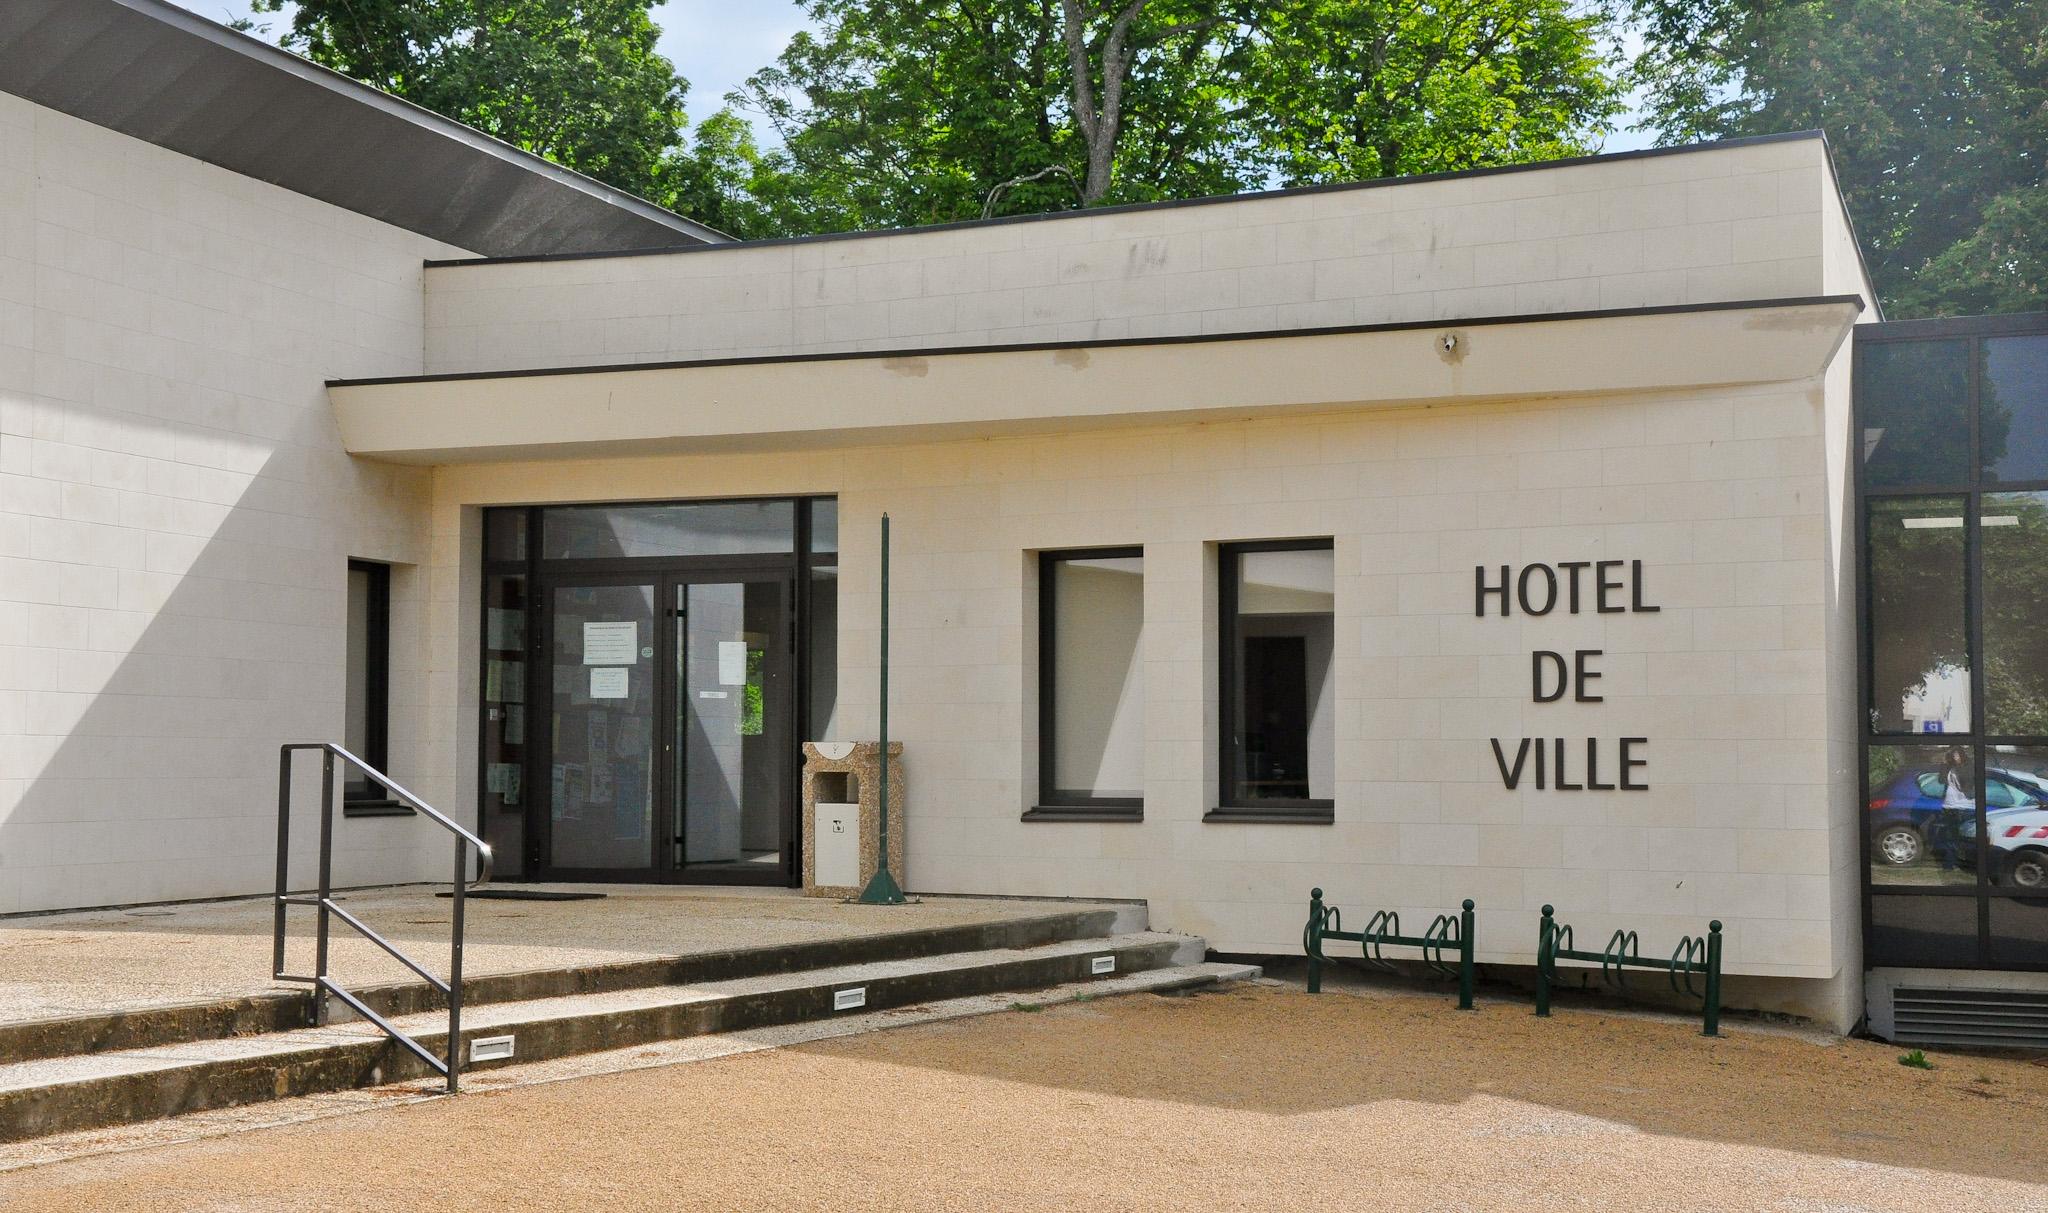 Hôtel de ville de Sainte-Hermine